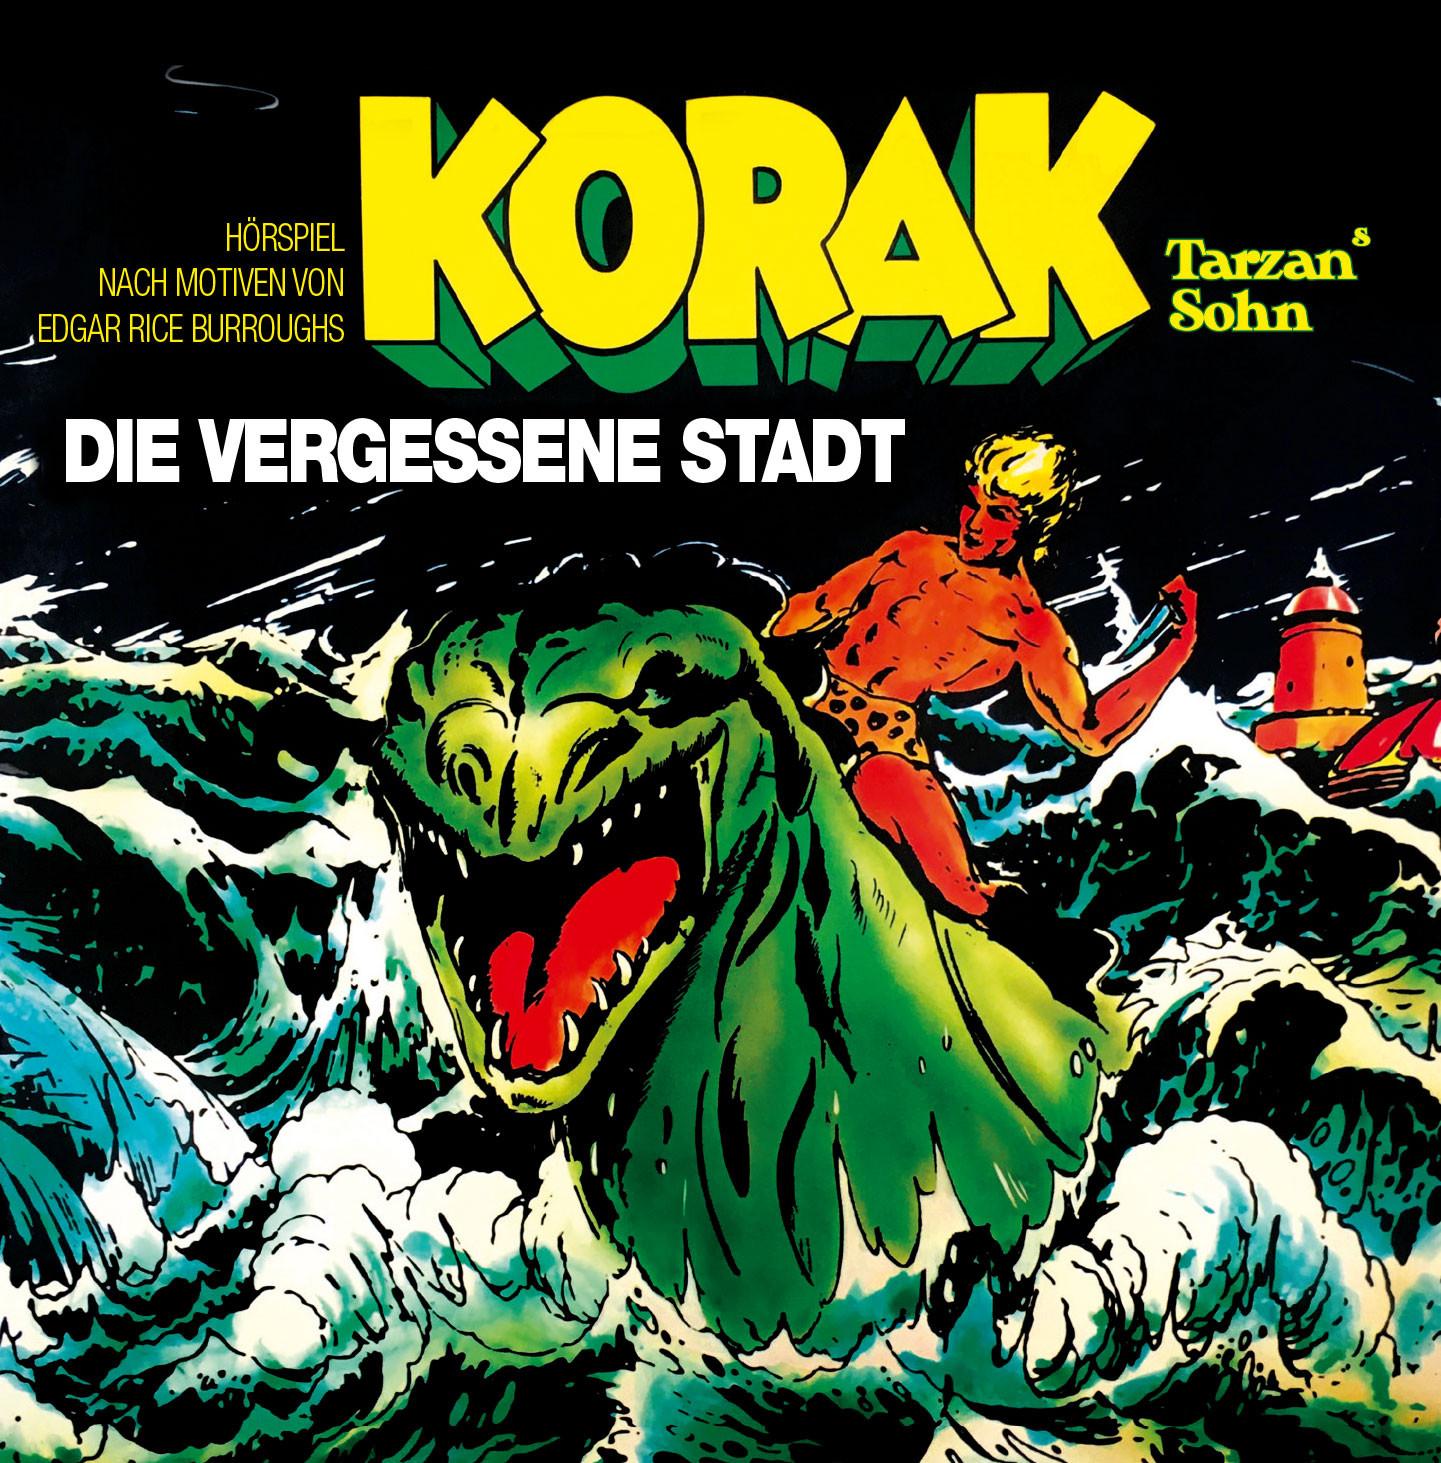 Tarzan - Folge 9: Korak - Die vergessene Stadt (CD)